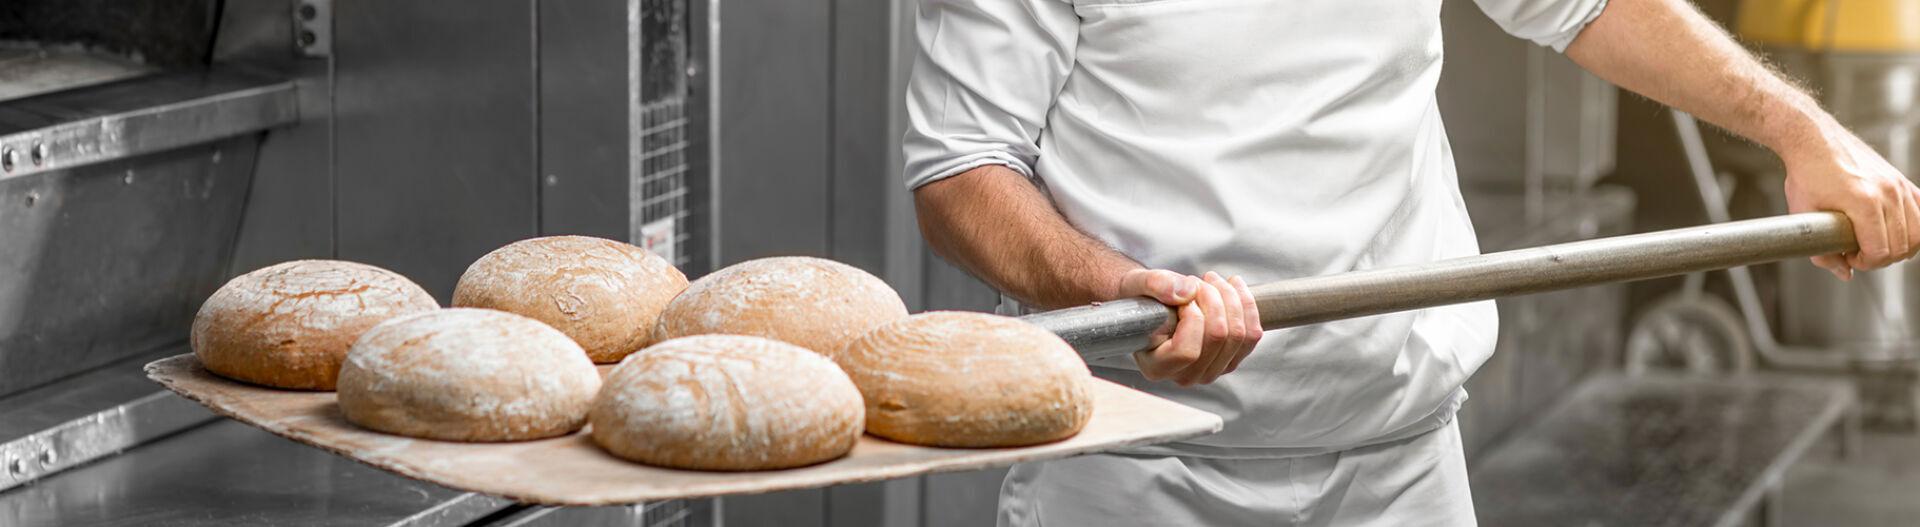 Bäcker